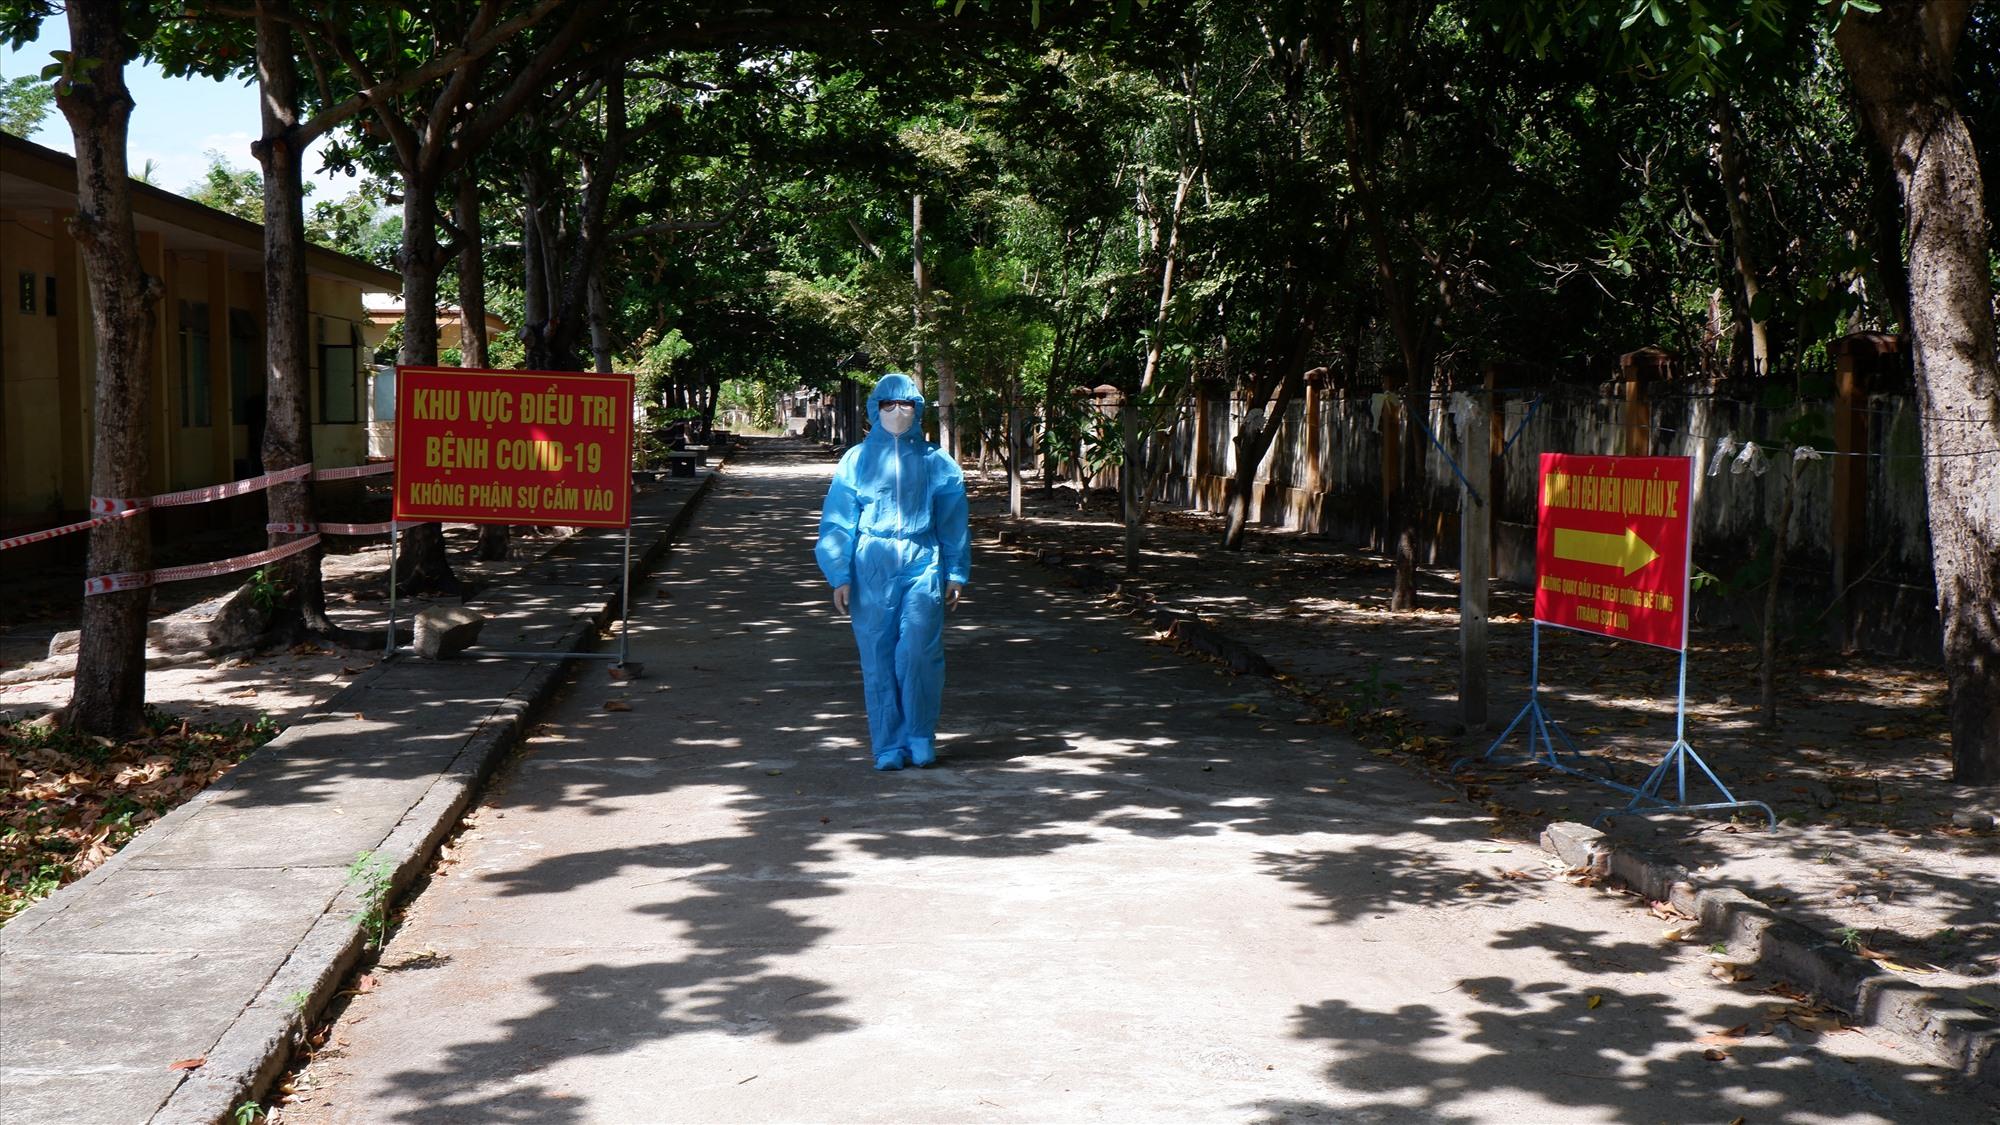 Bệnh viện Phạm Ngọc Thạch đang điều trị nhiều ca mắc Covid-19 của Quảng Nam. Ảnh; X.H